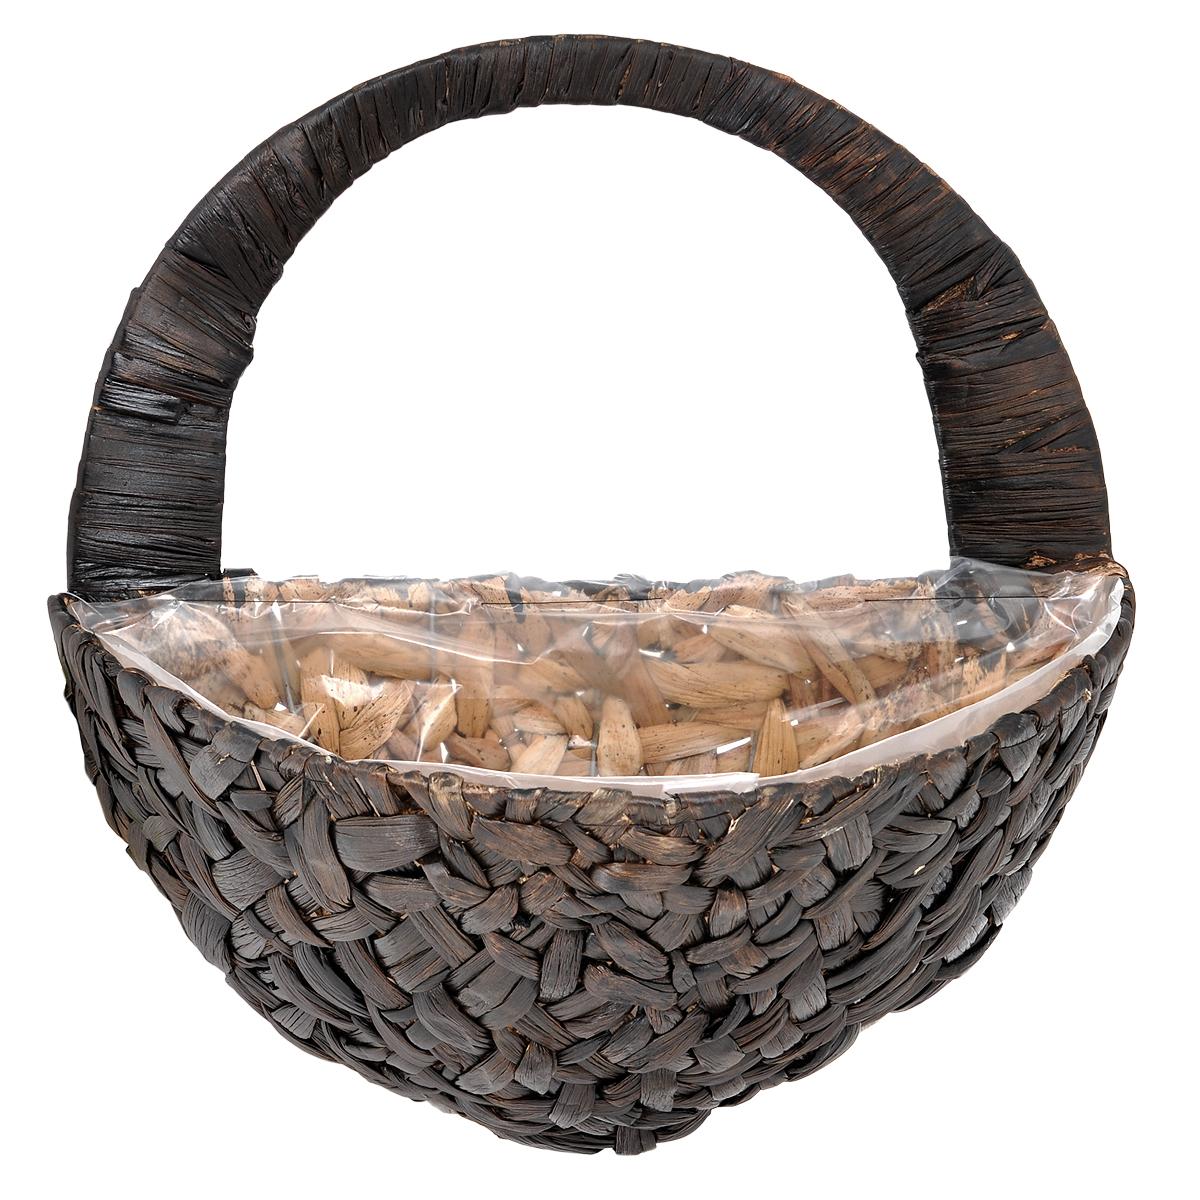 Кашпо настенное Gardman, 40 х 22 х 20 см 0278902789Настенное кашпо Gardman выполнено в виде плетеной корзинки из водного гиацинта. Каркас изготовлен из металла. Корзина уже оснащена специальной пленкой и полностью готова для посадки растений. Прекрасно подходит для цветов. Кашпо часто становятся последним штрихом, который совершенно изменяет интерьер помещения или ландшафтный дизайн сада. Благодаря такому кашпо вы сможете украсить вашу комнату, офис или сад.